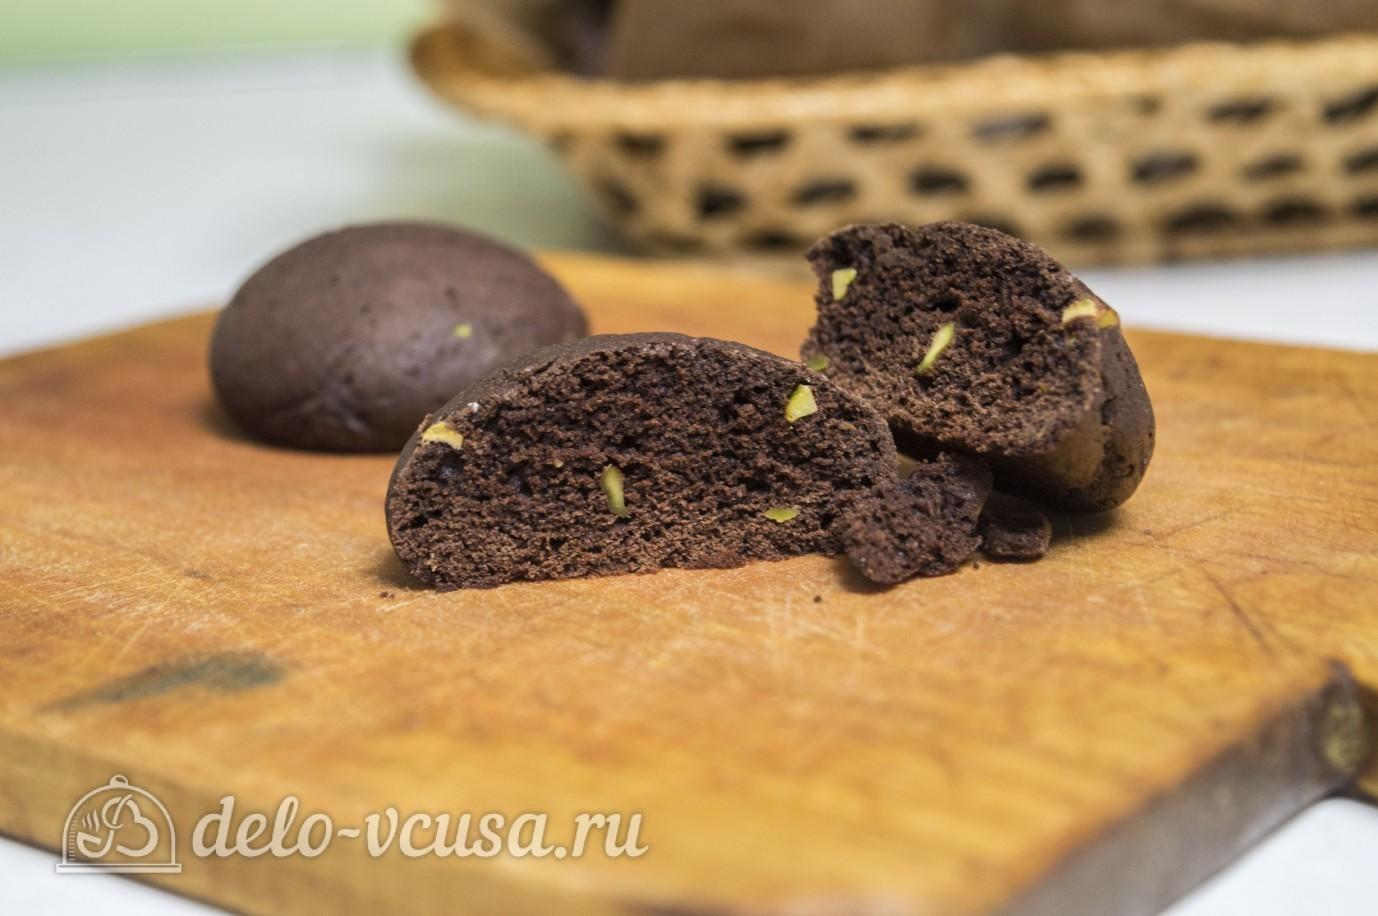 Шоколадное печенье с фисташками готовы